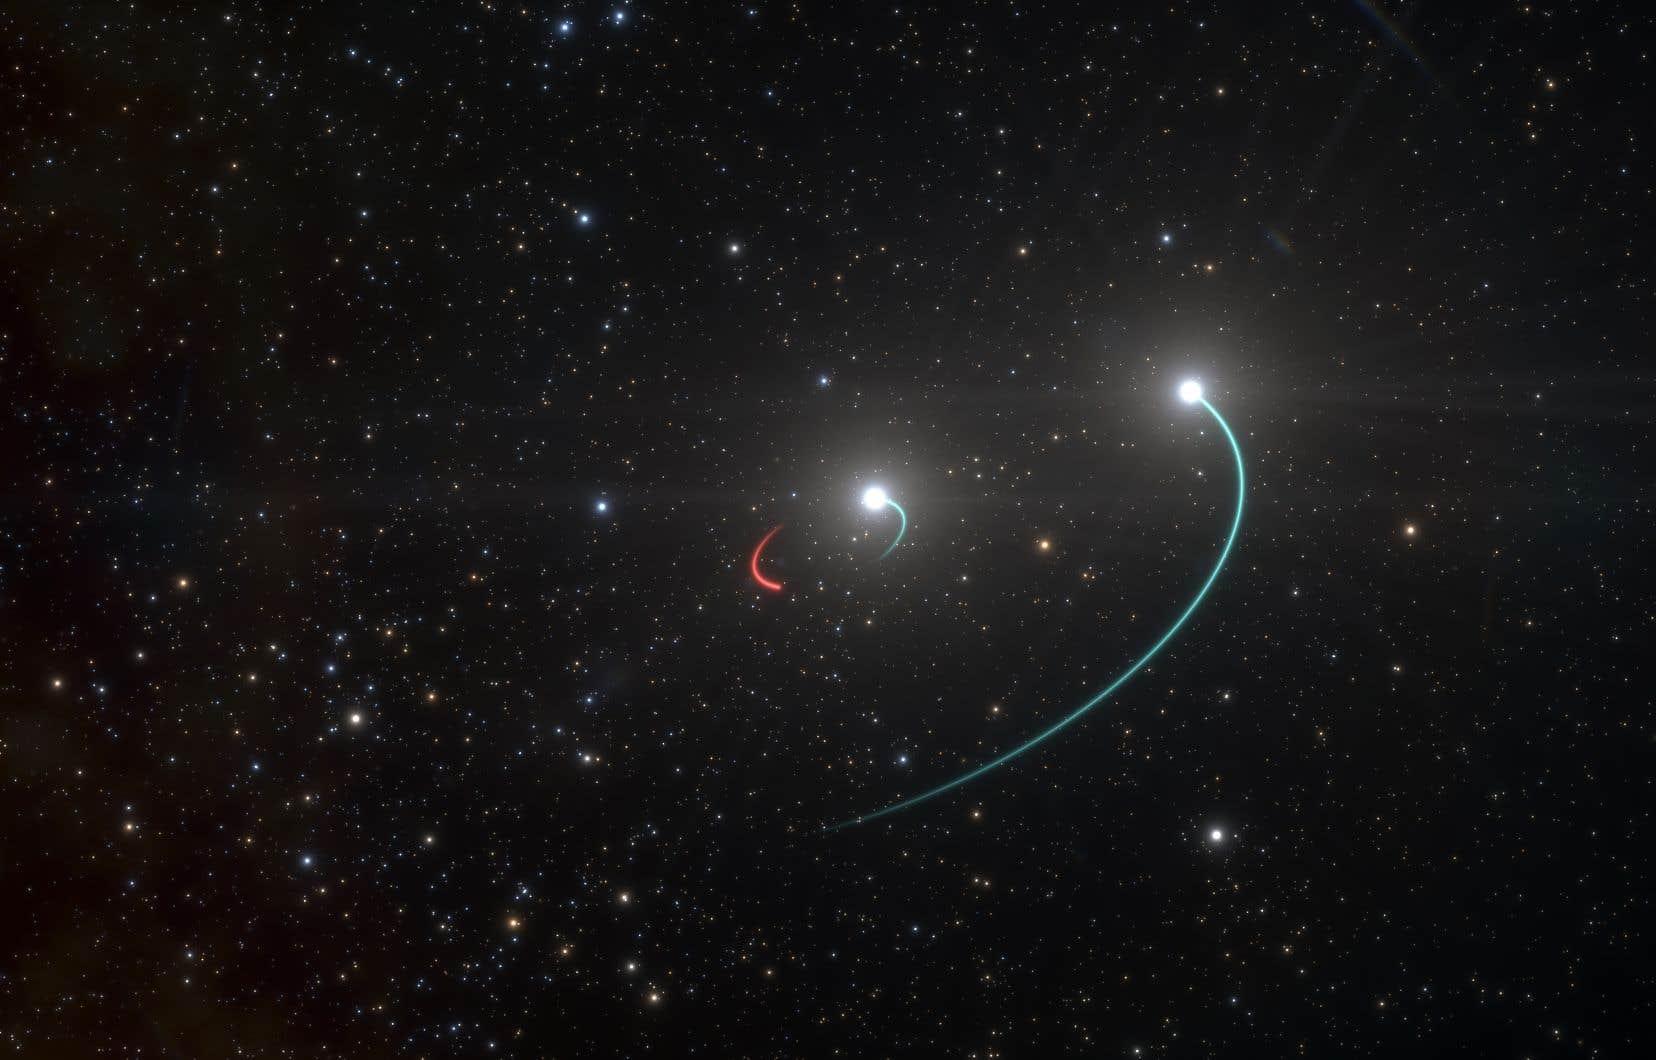 L'équipe de l'ESO s'était intéressée au départ à HR 6819 en tant que système d'étoiles binaires.